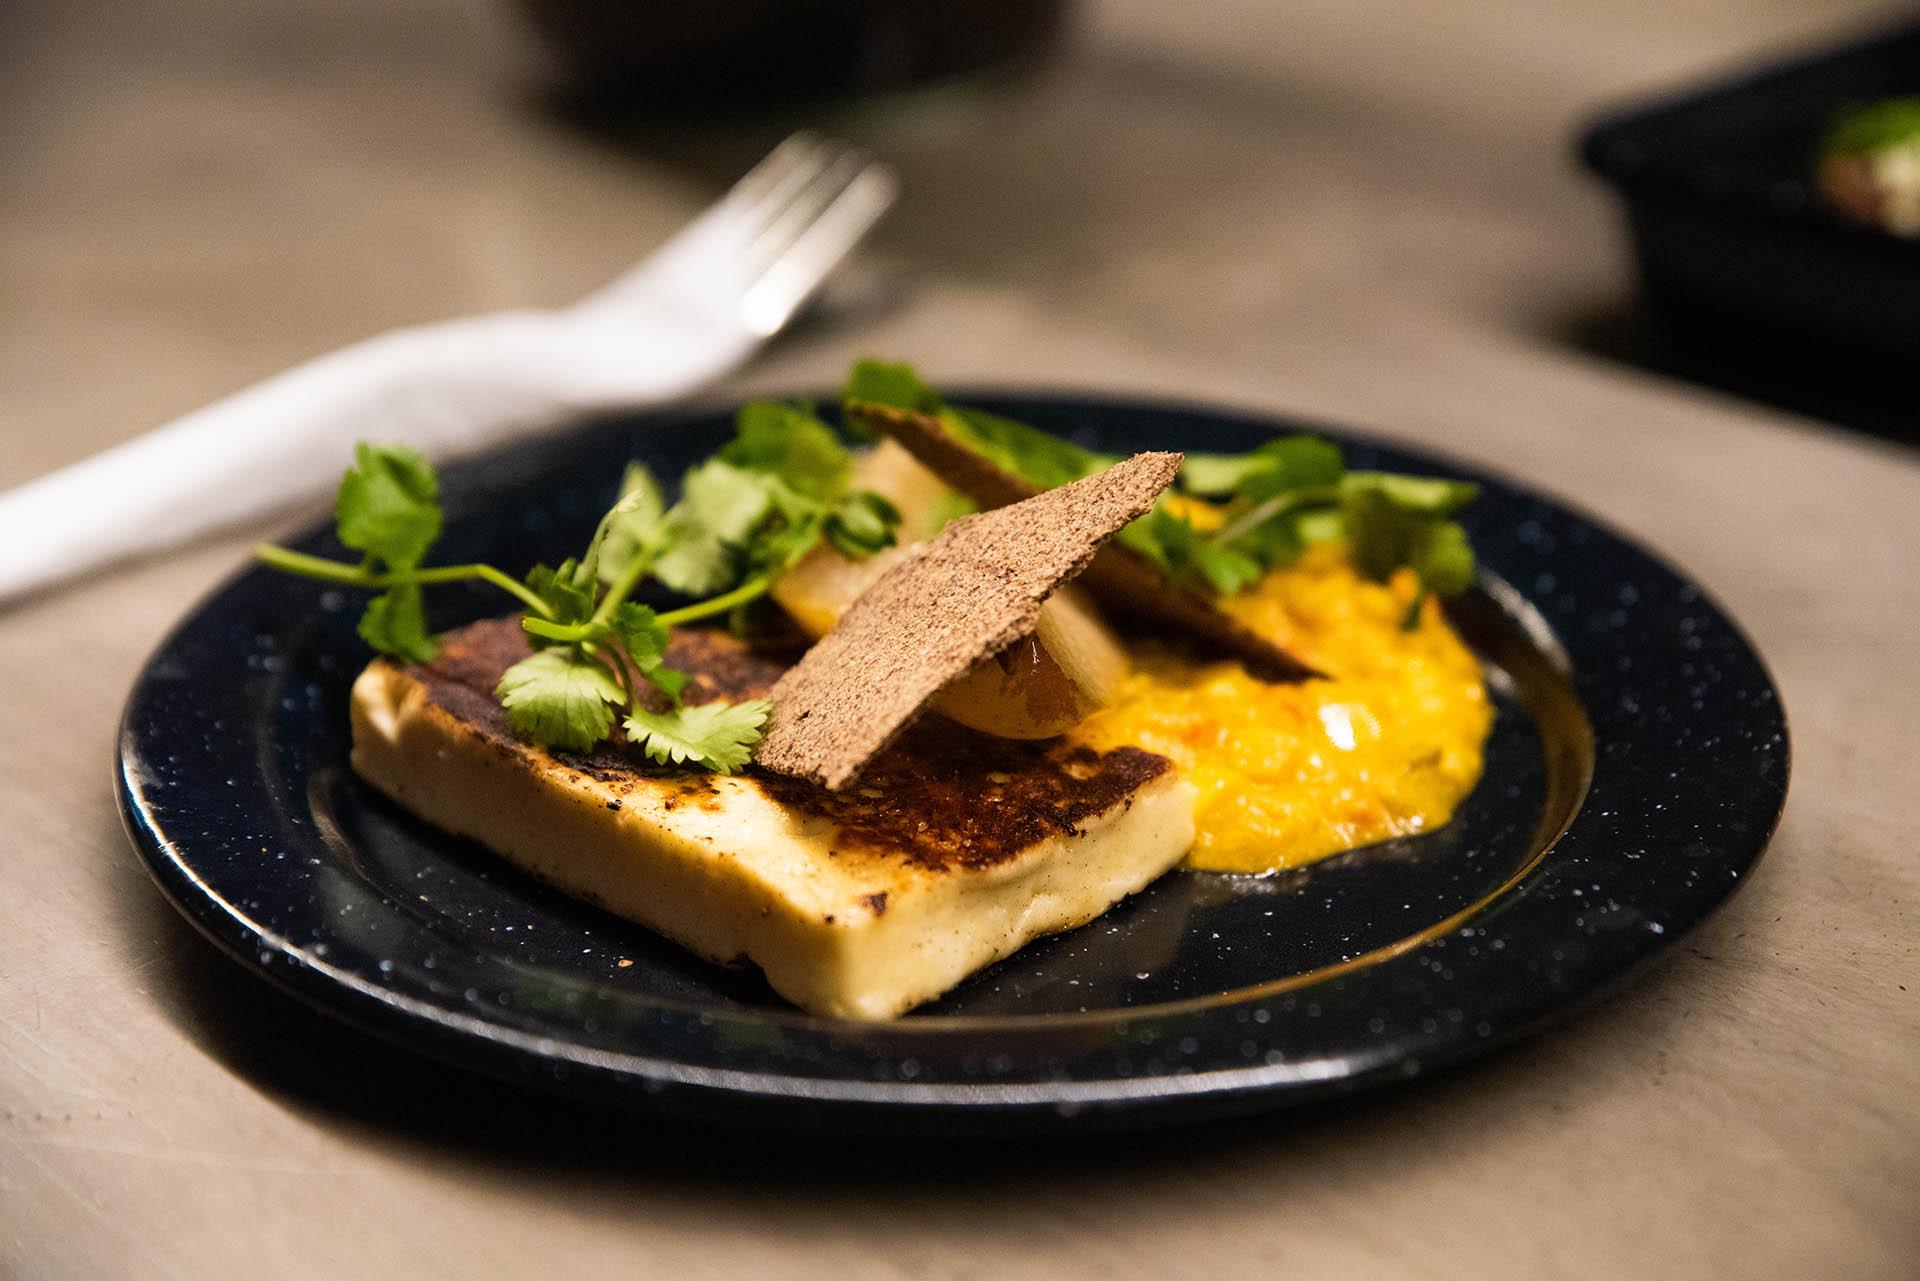 La carta sorprende con propuestas como el patacón, una comida típica de Centroamérica, tacos mexicanos y arepas colombianas